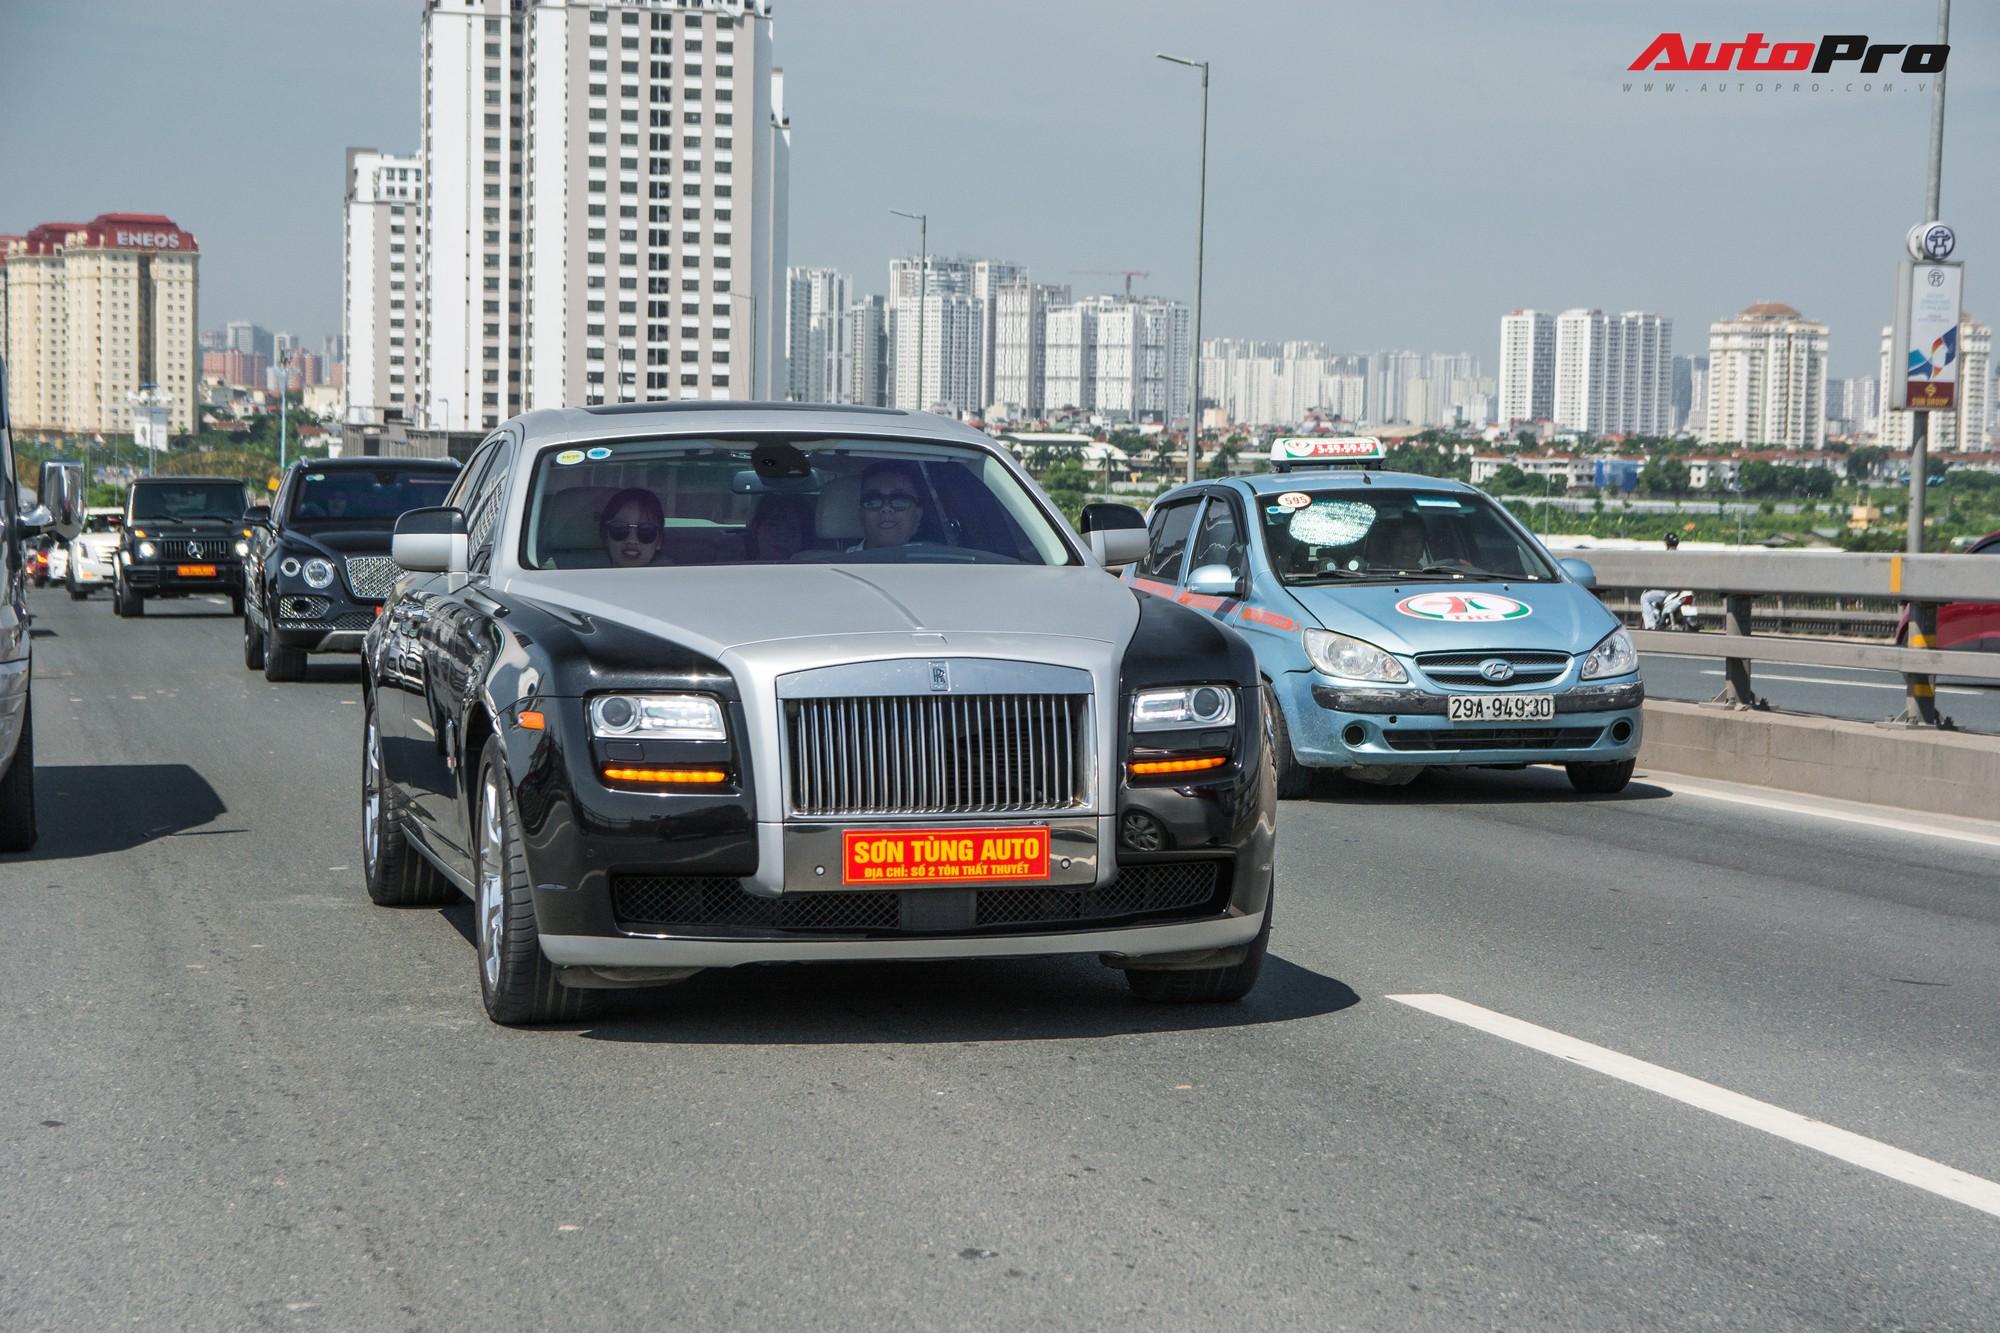 Dàn siêu xe, xe thể thao và xe siêu sang trị giá cả trăm tỷ diễu hành trên phố Hà Nội - Ảnh 13.